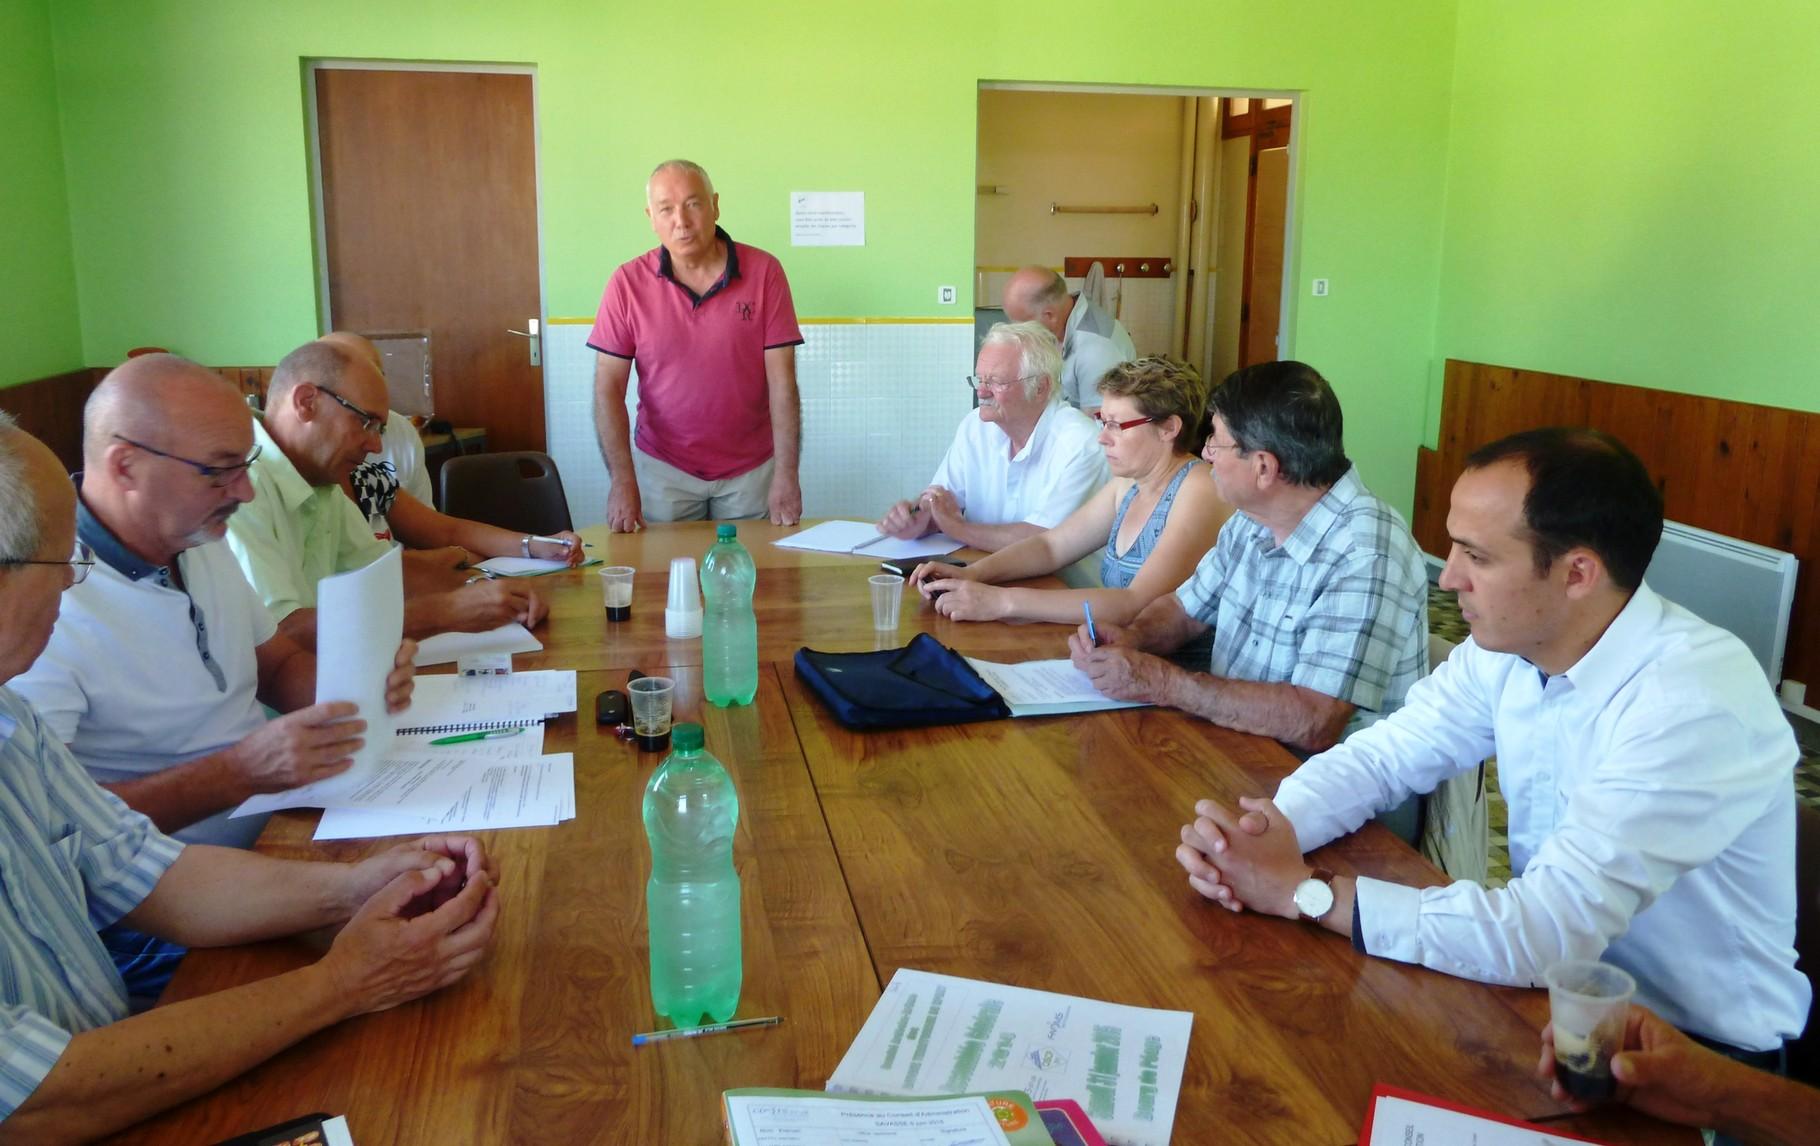 Les membres du  CA du CDOTS à l'écoute de l'allocution de bienvenue de R.Plunian